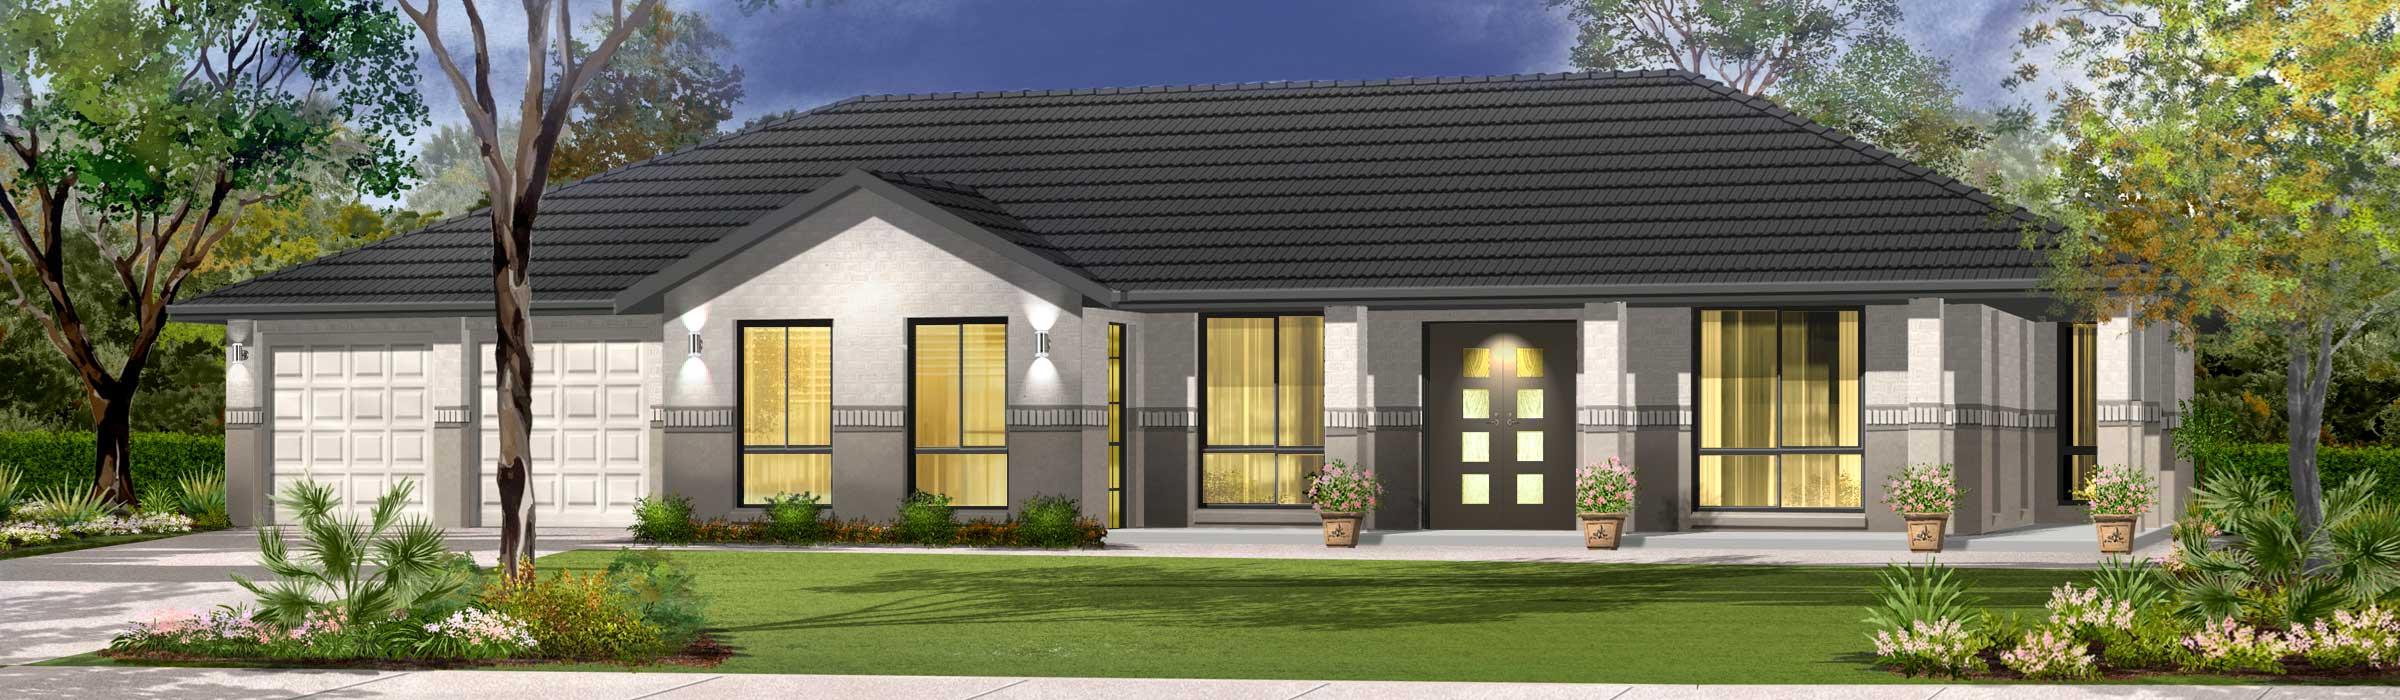 Highlander Home Design - Acreage | Marksman Homes | Illawarra Home Builder